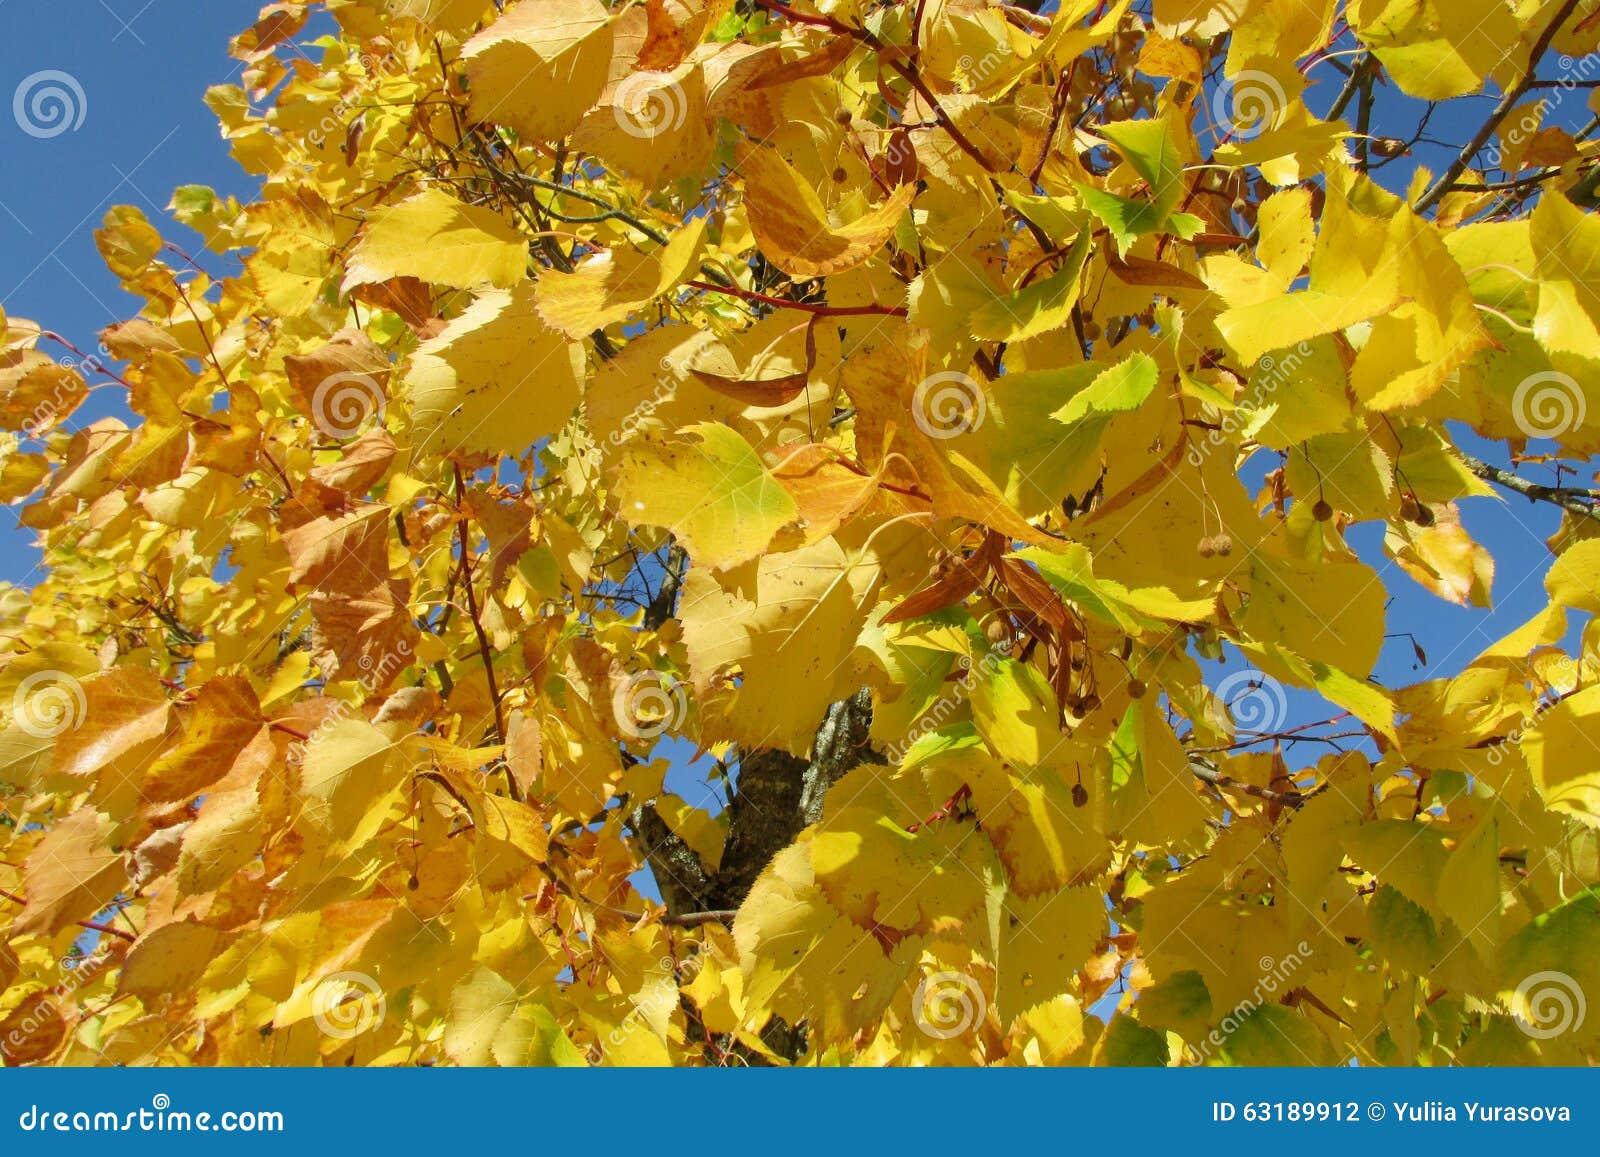 Fogli di colore giallo sull 39 albero fotografia stock - Caduta fogli di colore stampabili ...